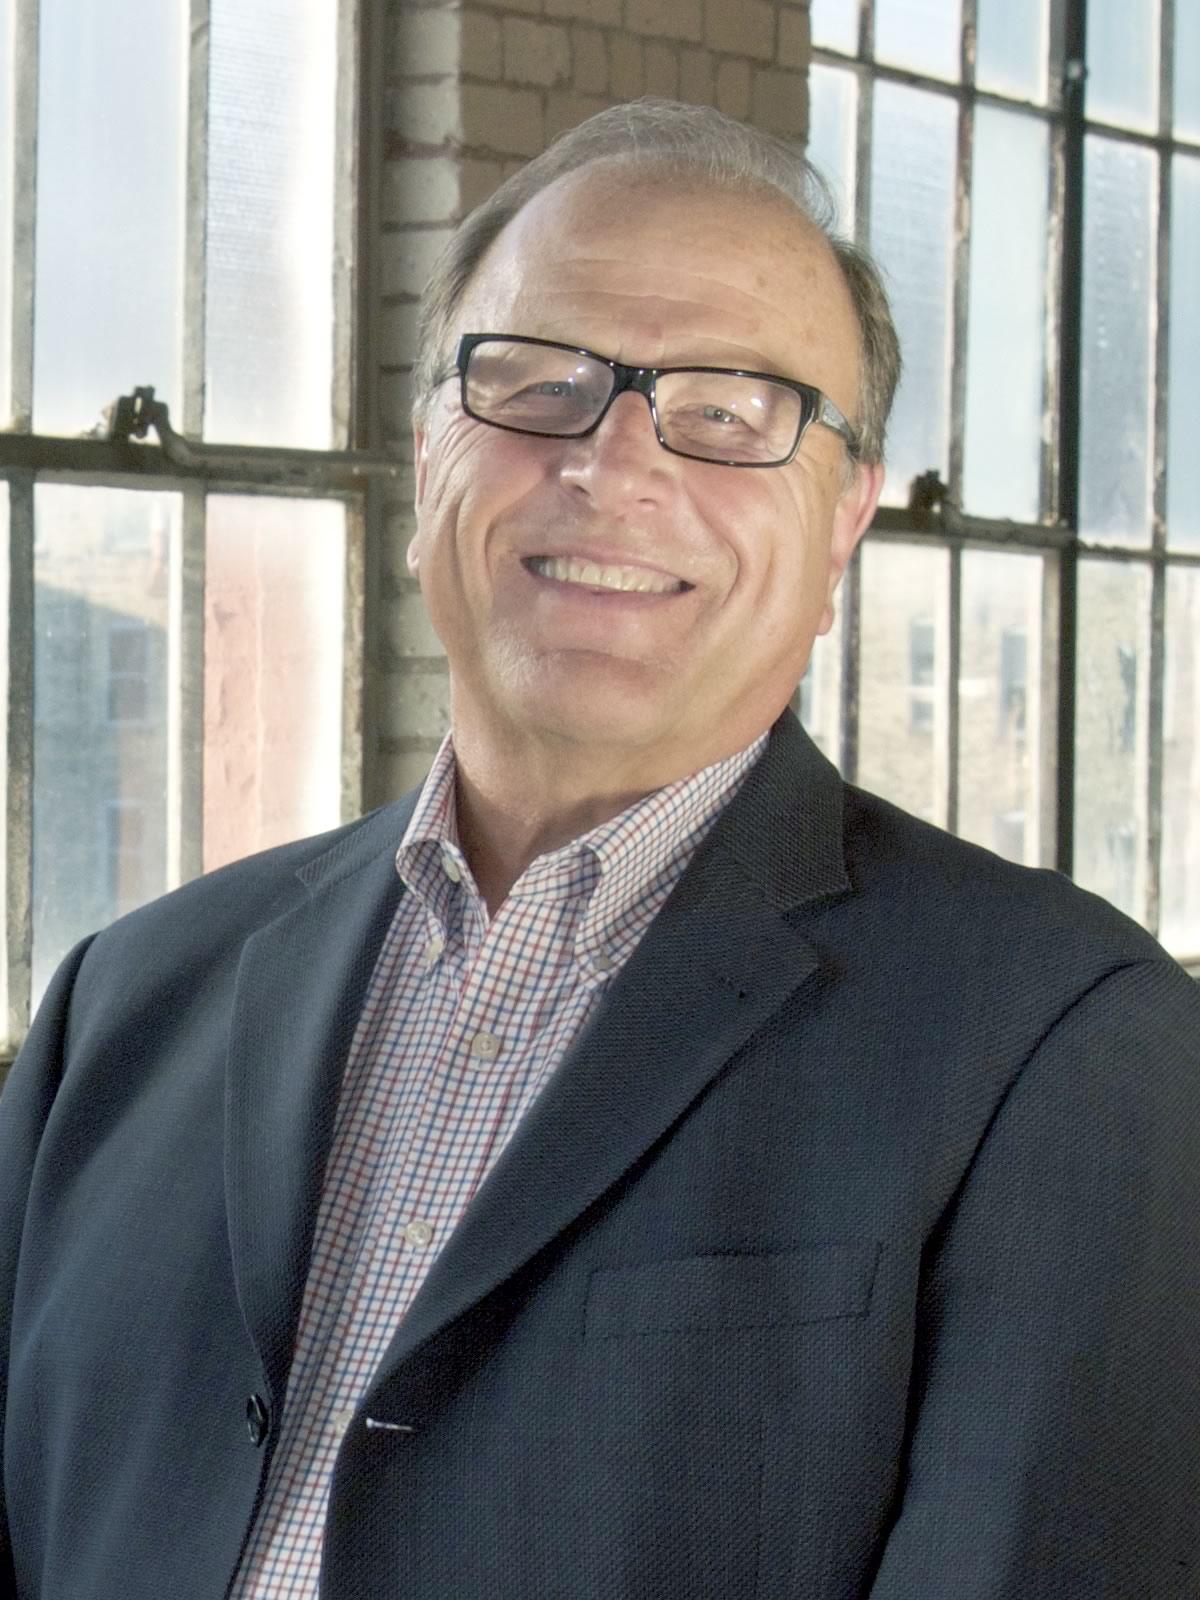 Jim Tanchon